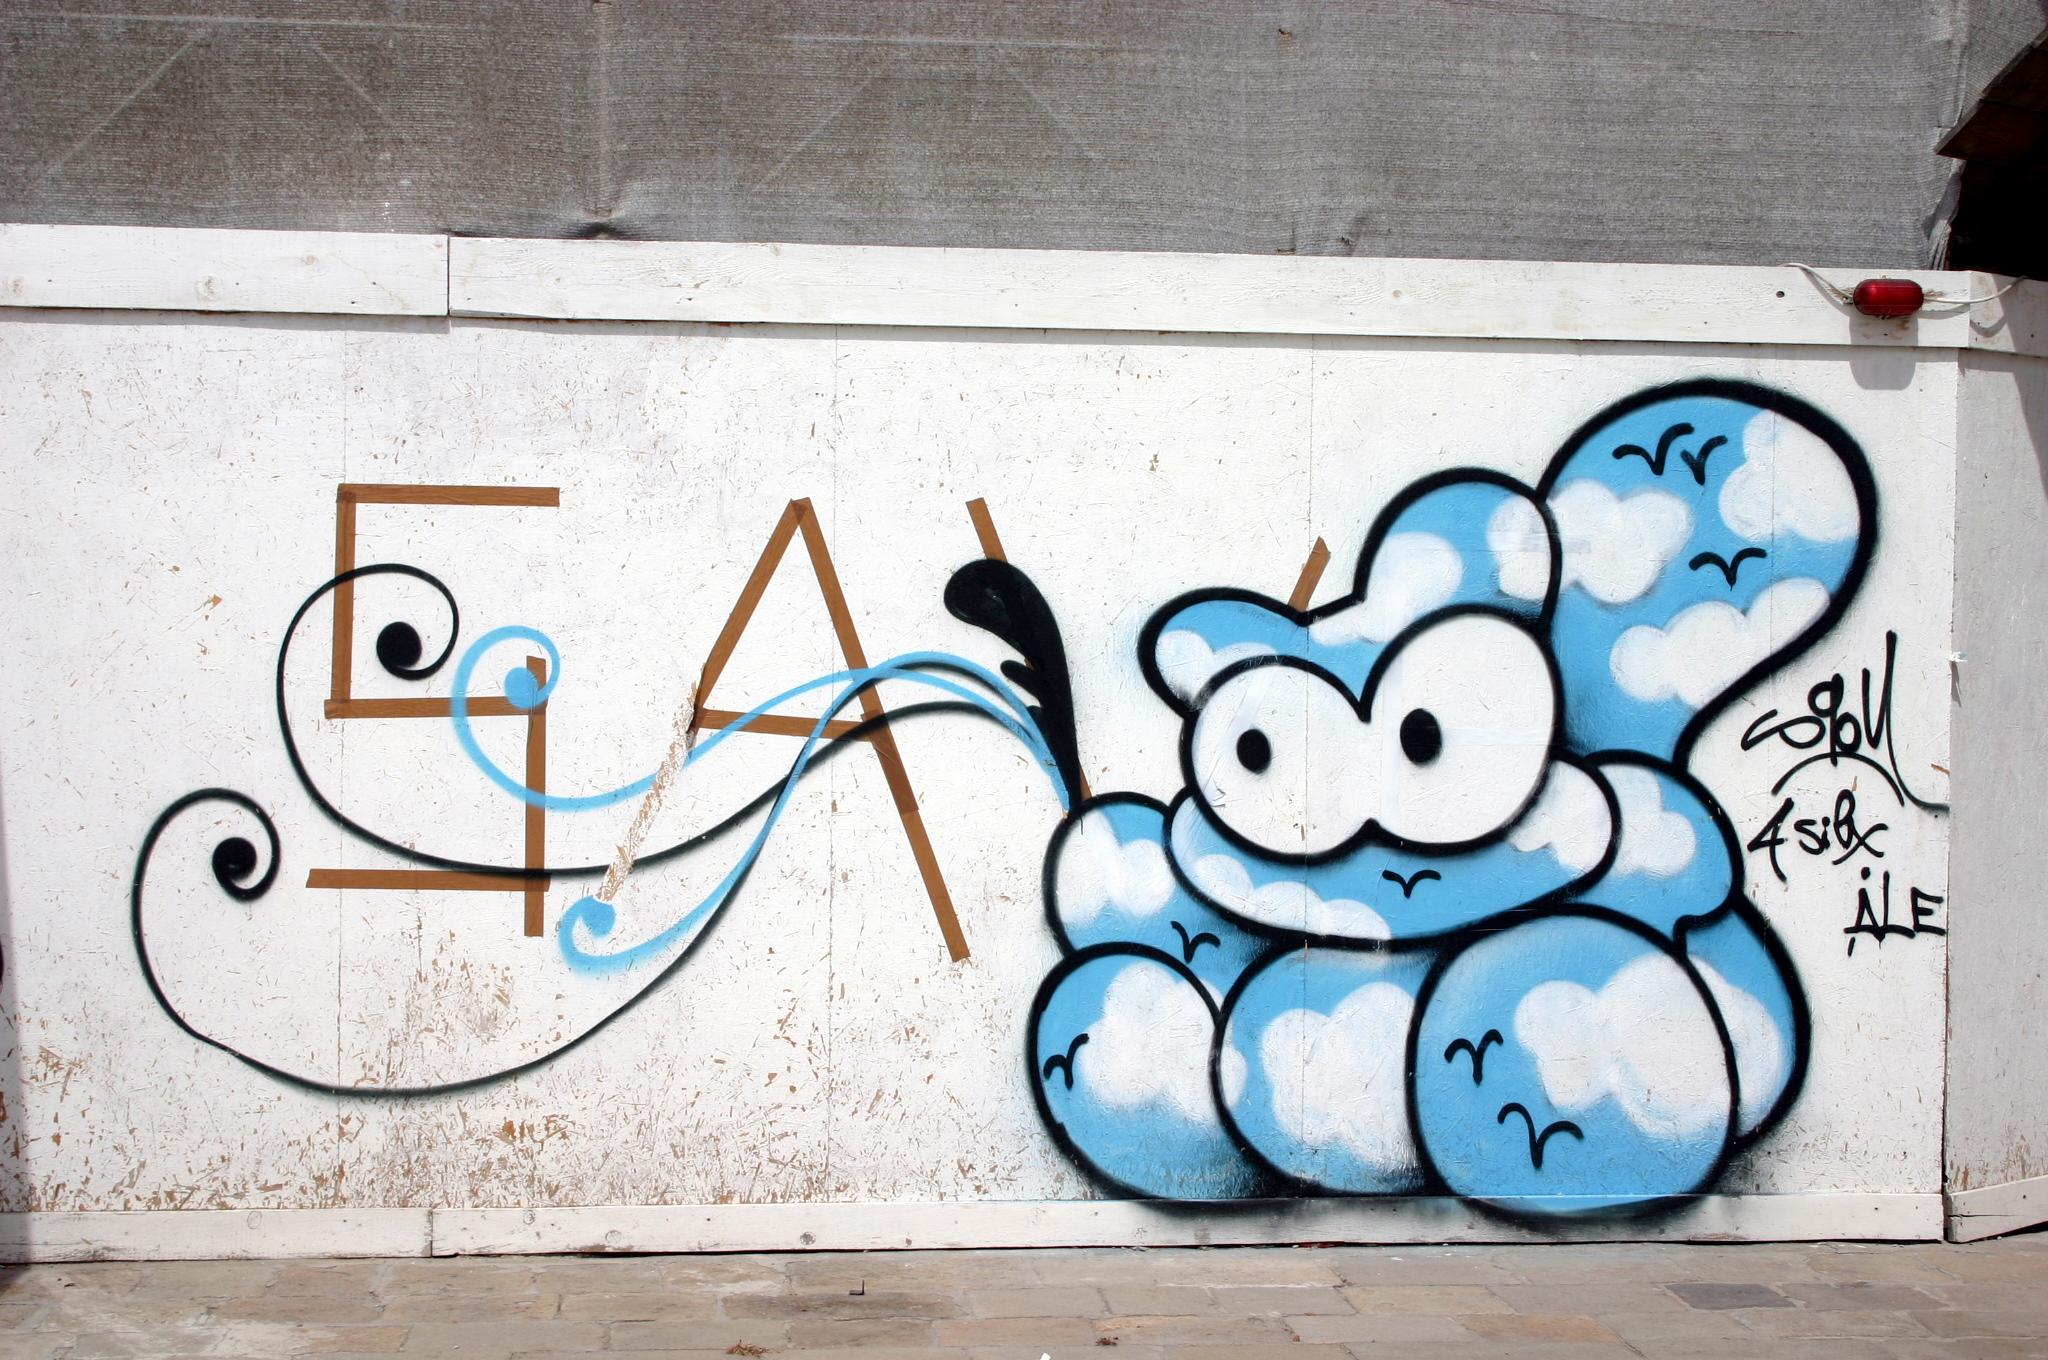 Graffiti workshop alkmaar graffiti workshop